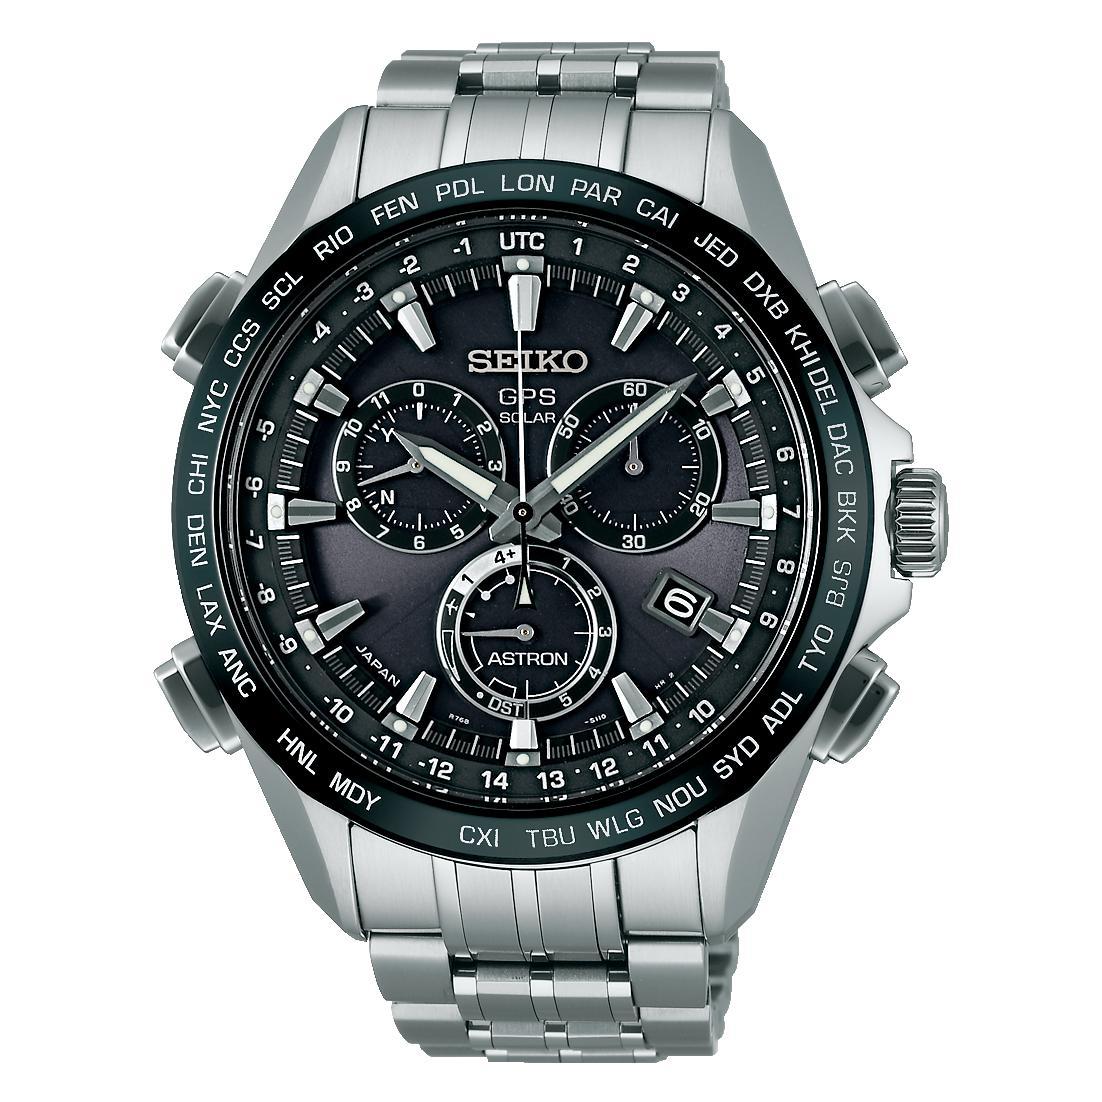 セイコー アストロン SEIKO ASTRON SBXB003 メンズ 腕時計 ソーラーGPS衛星電波修正